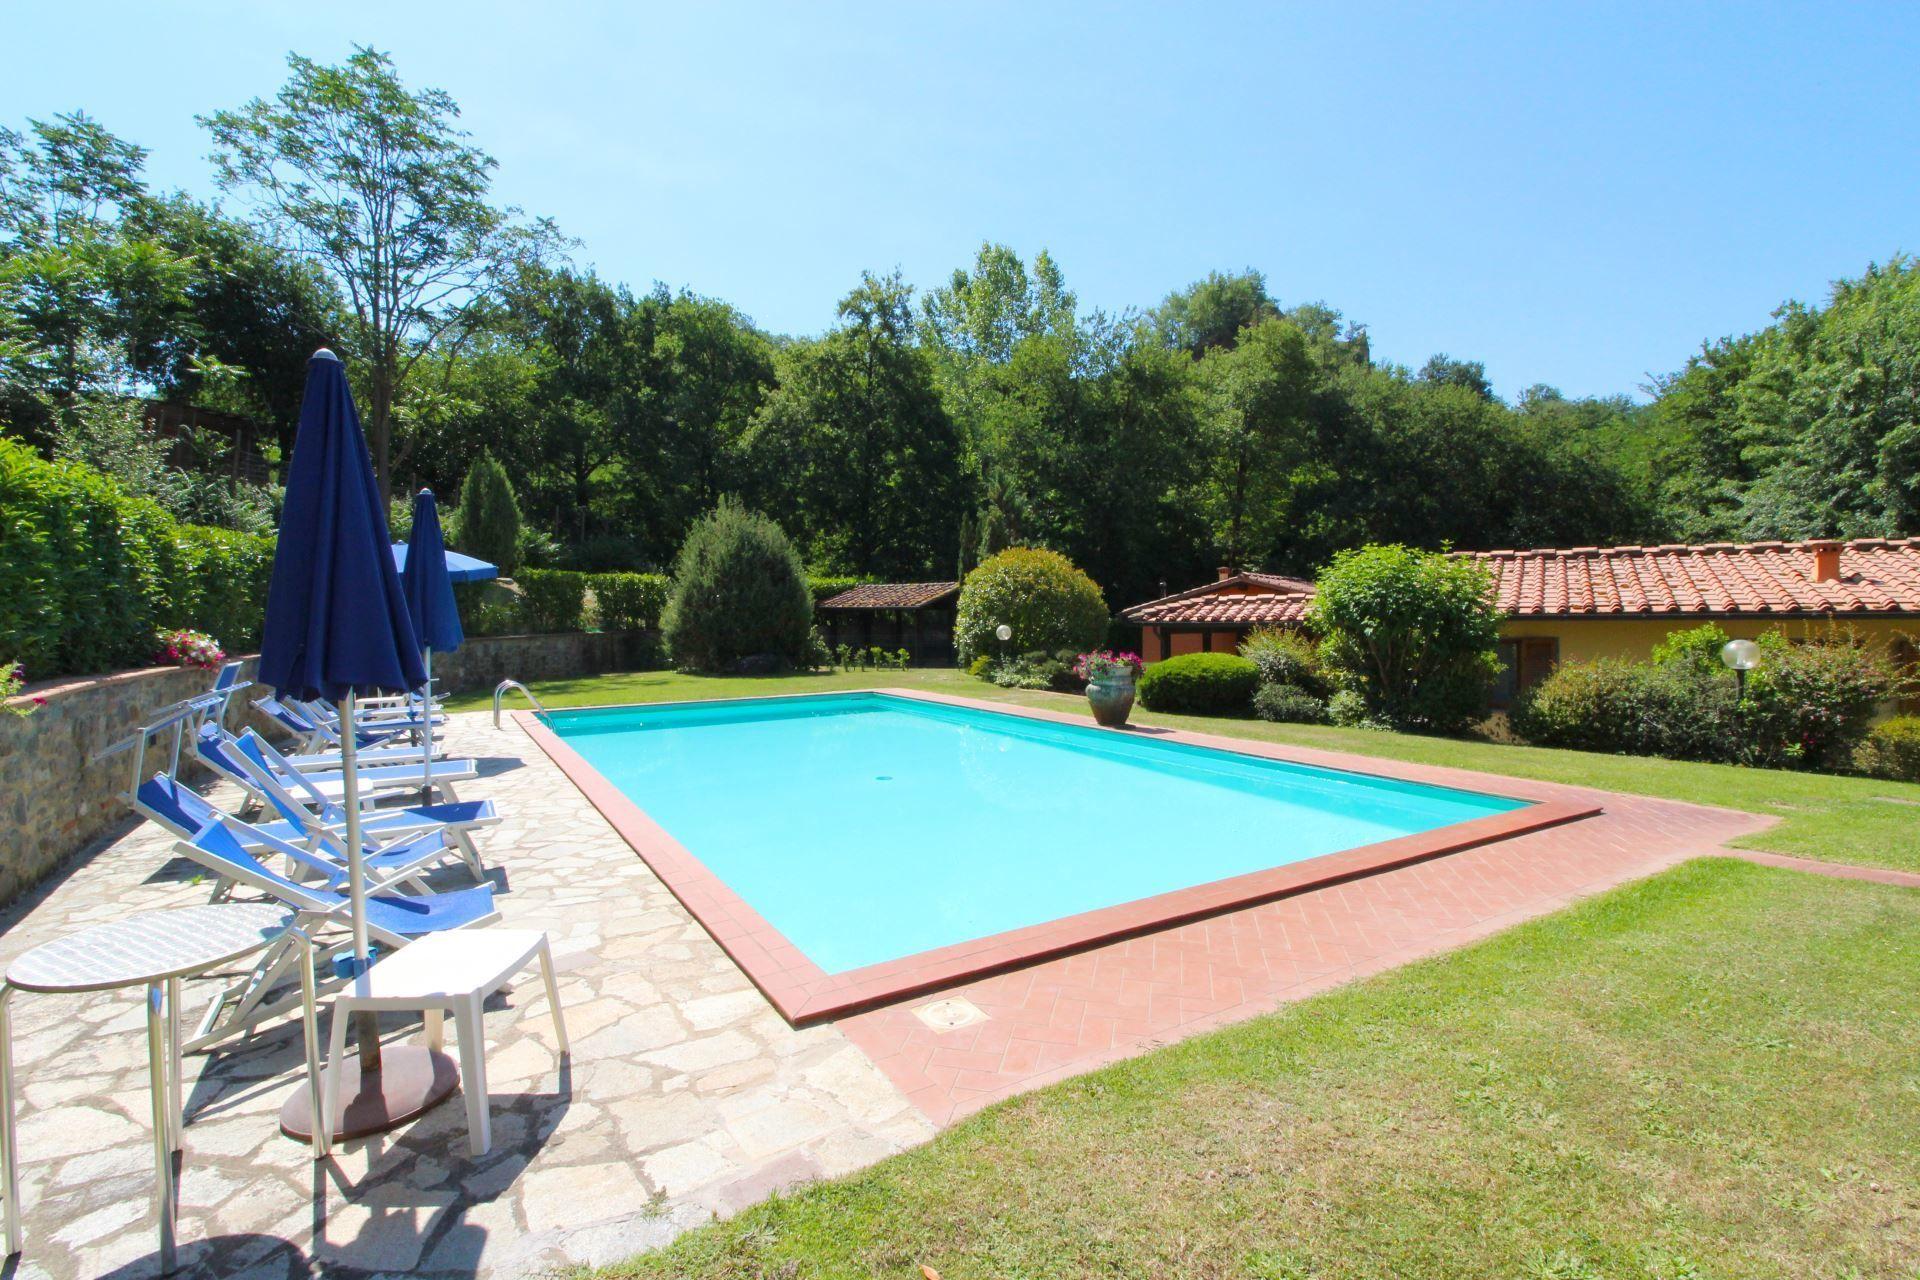 Villa le balze casa vacanze con 10 posti letto in 4 camere terranuova bracciolini toscana - Piscina terranuova bracciolini ...